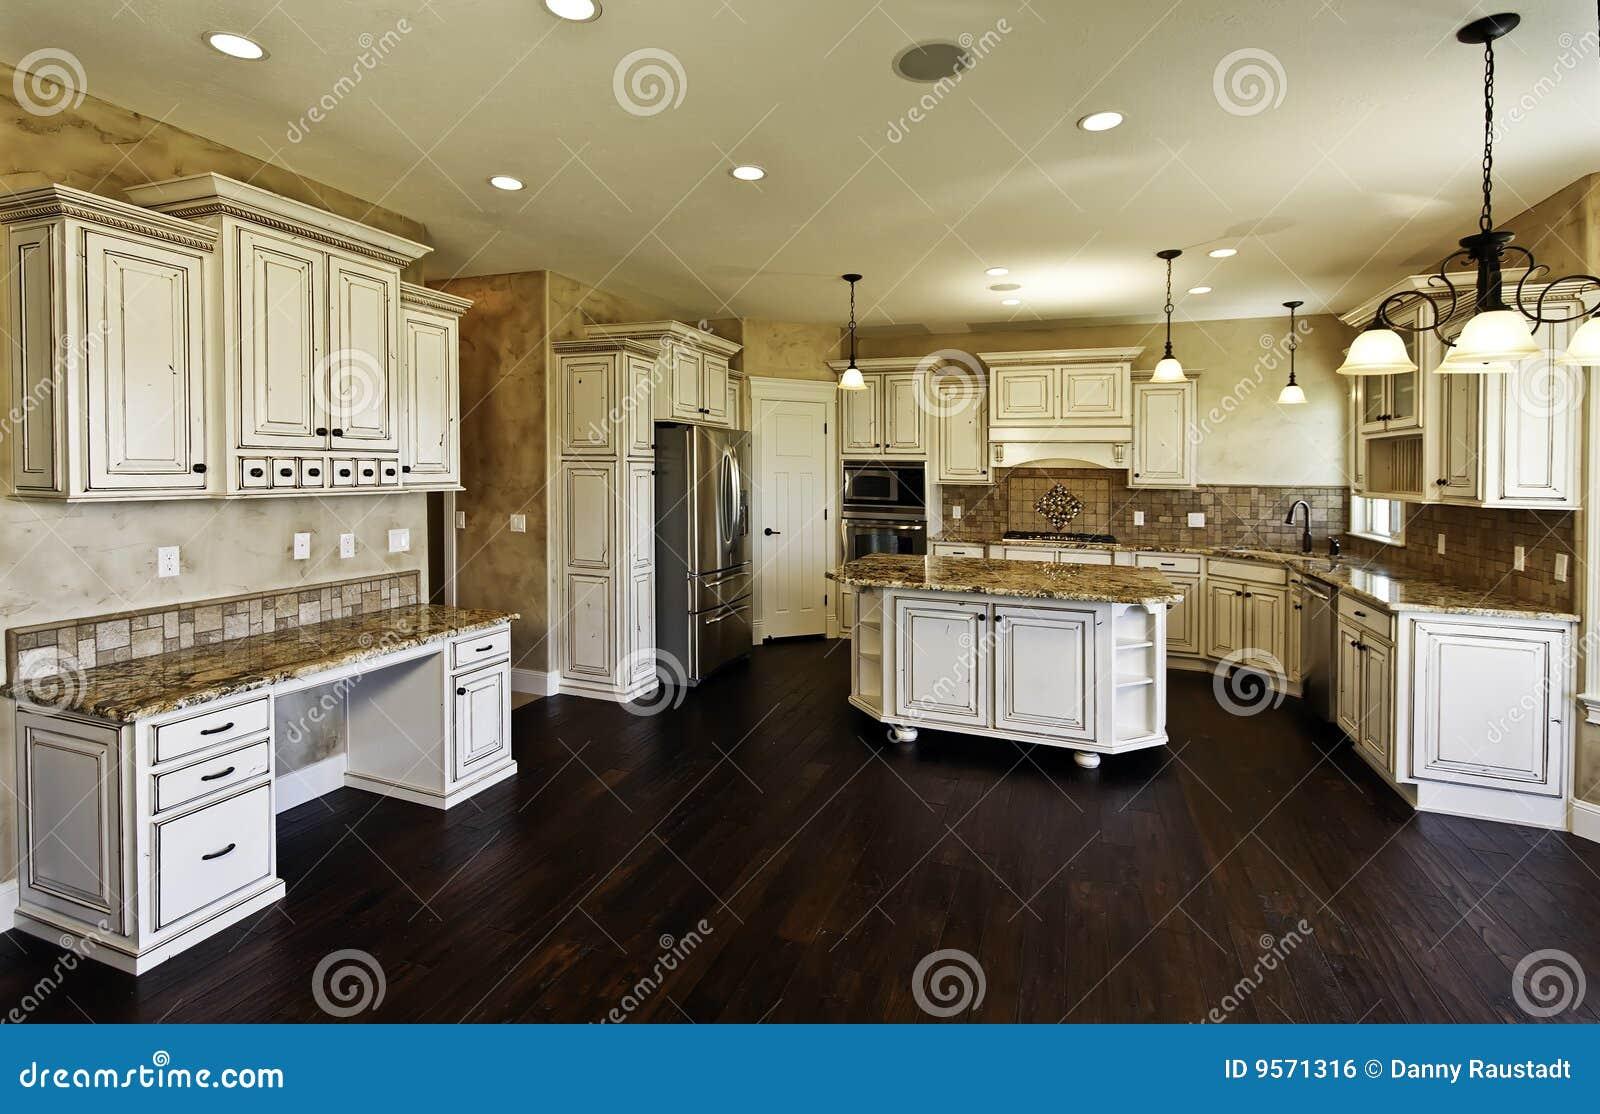 Nuove Cucina E Sala Da Pranzo Enormi Fotografia Stock - Immagine di ...